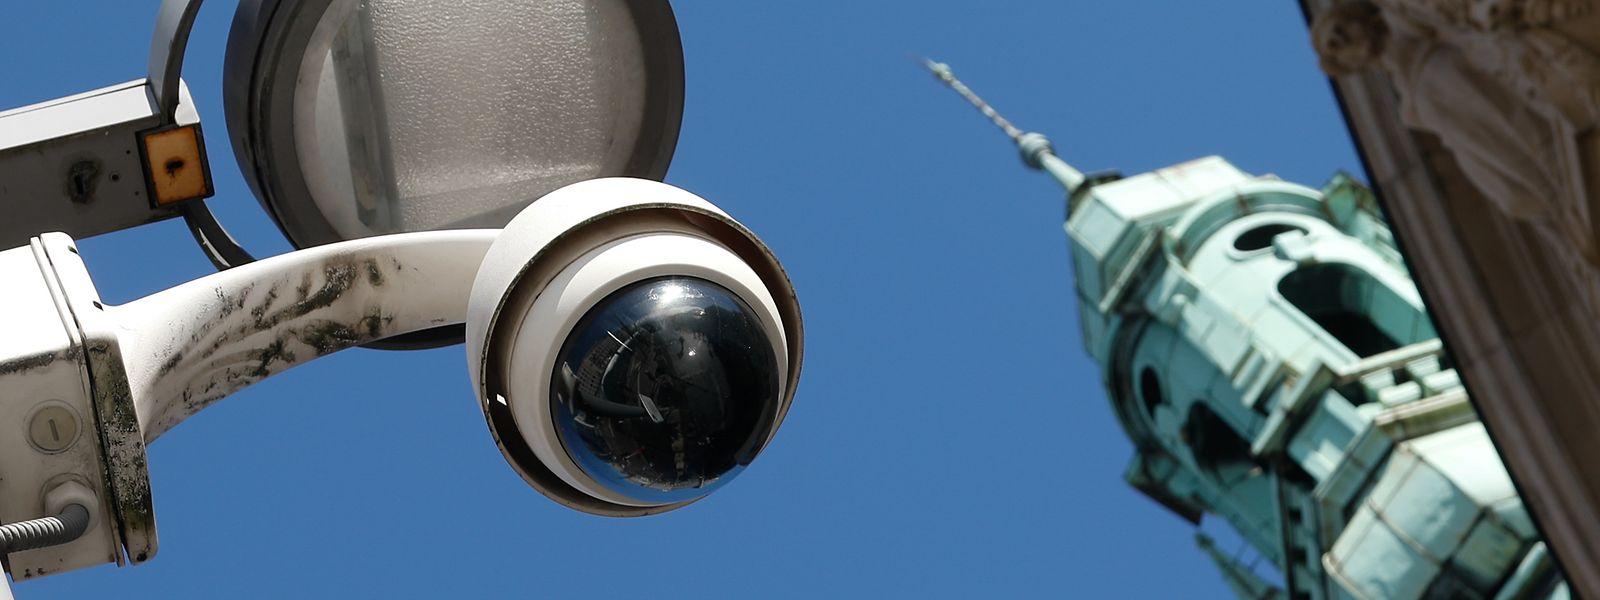 Luxembourg-ville compte près de 98 spots de prises de vue pour aider la police dans son travail quotidien. Mais l'emploi du service est largement perfectible.